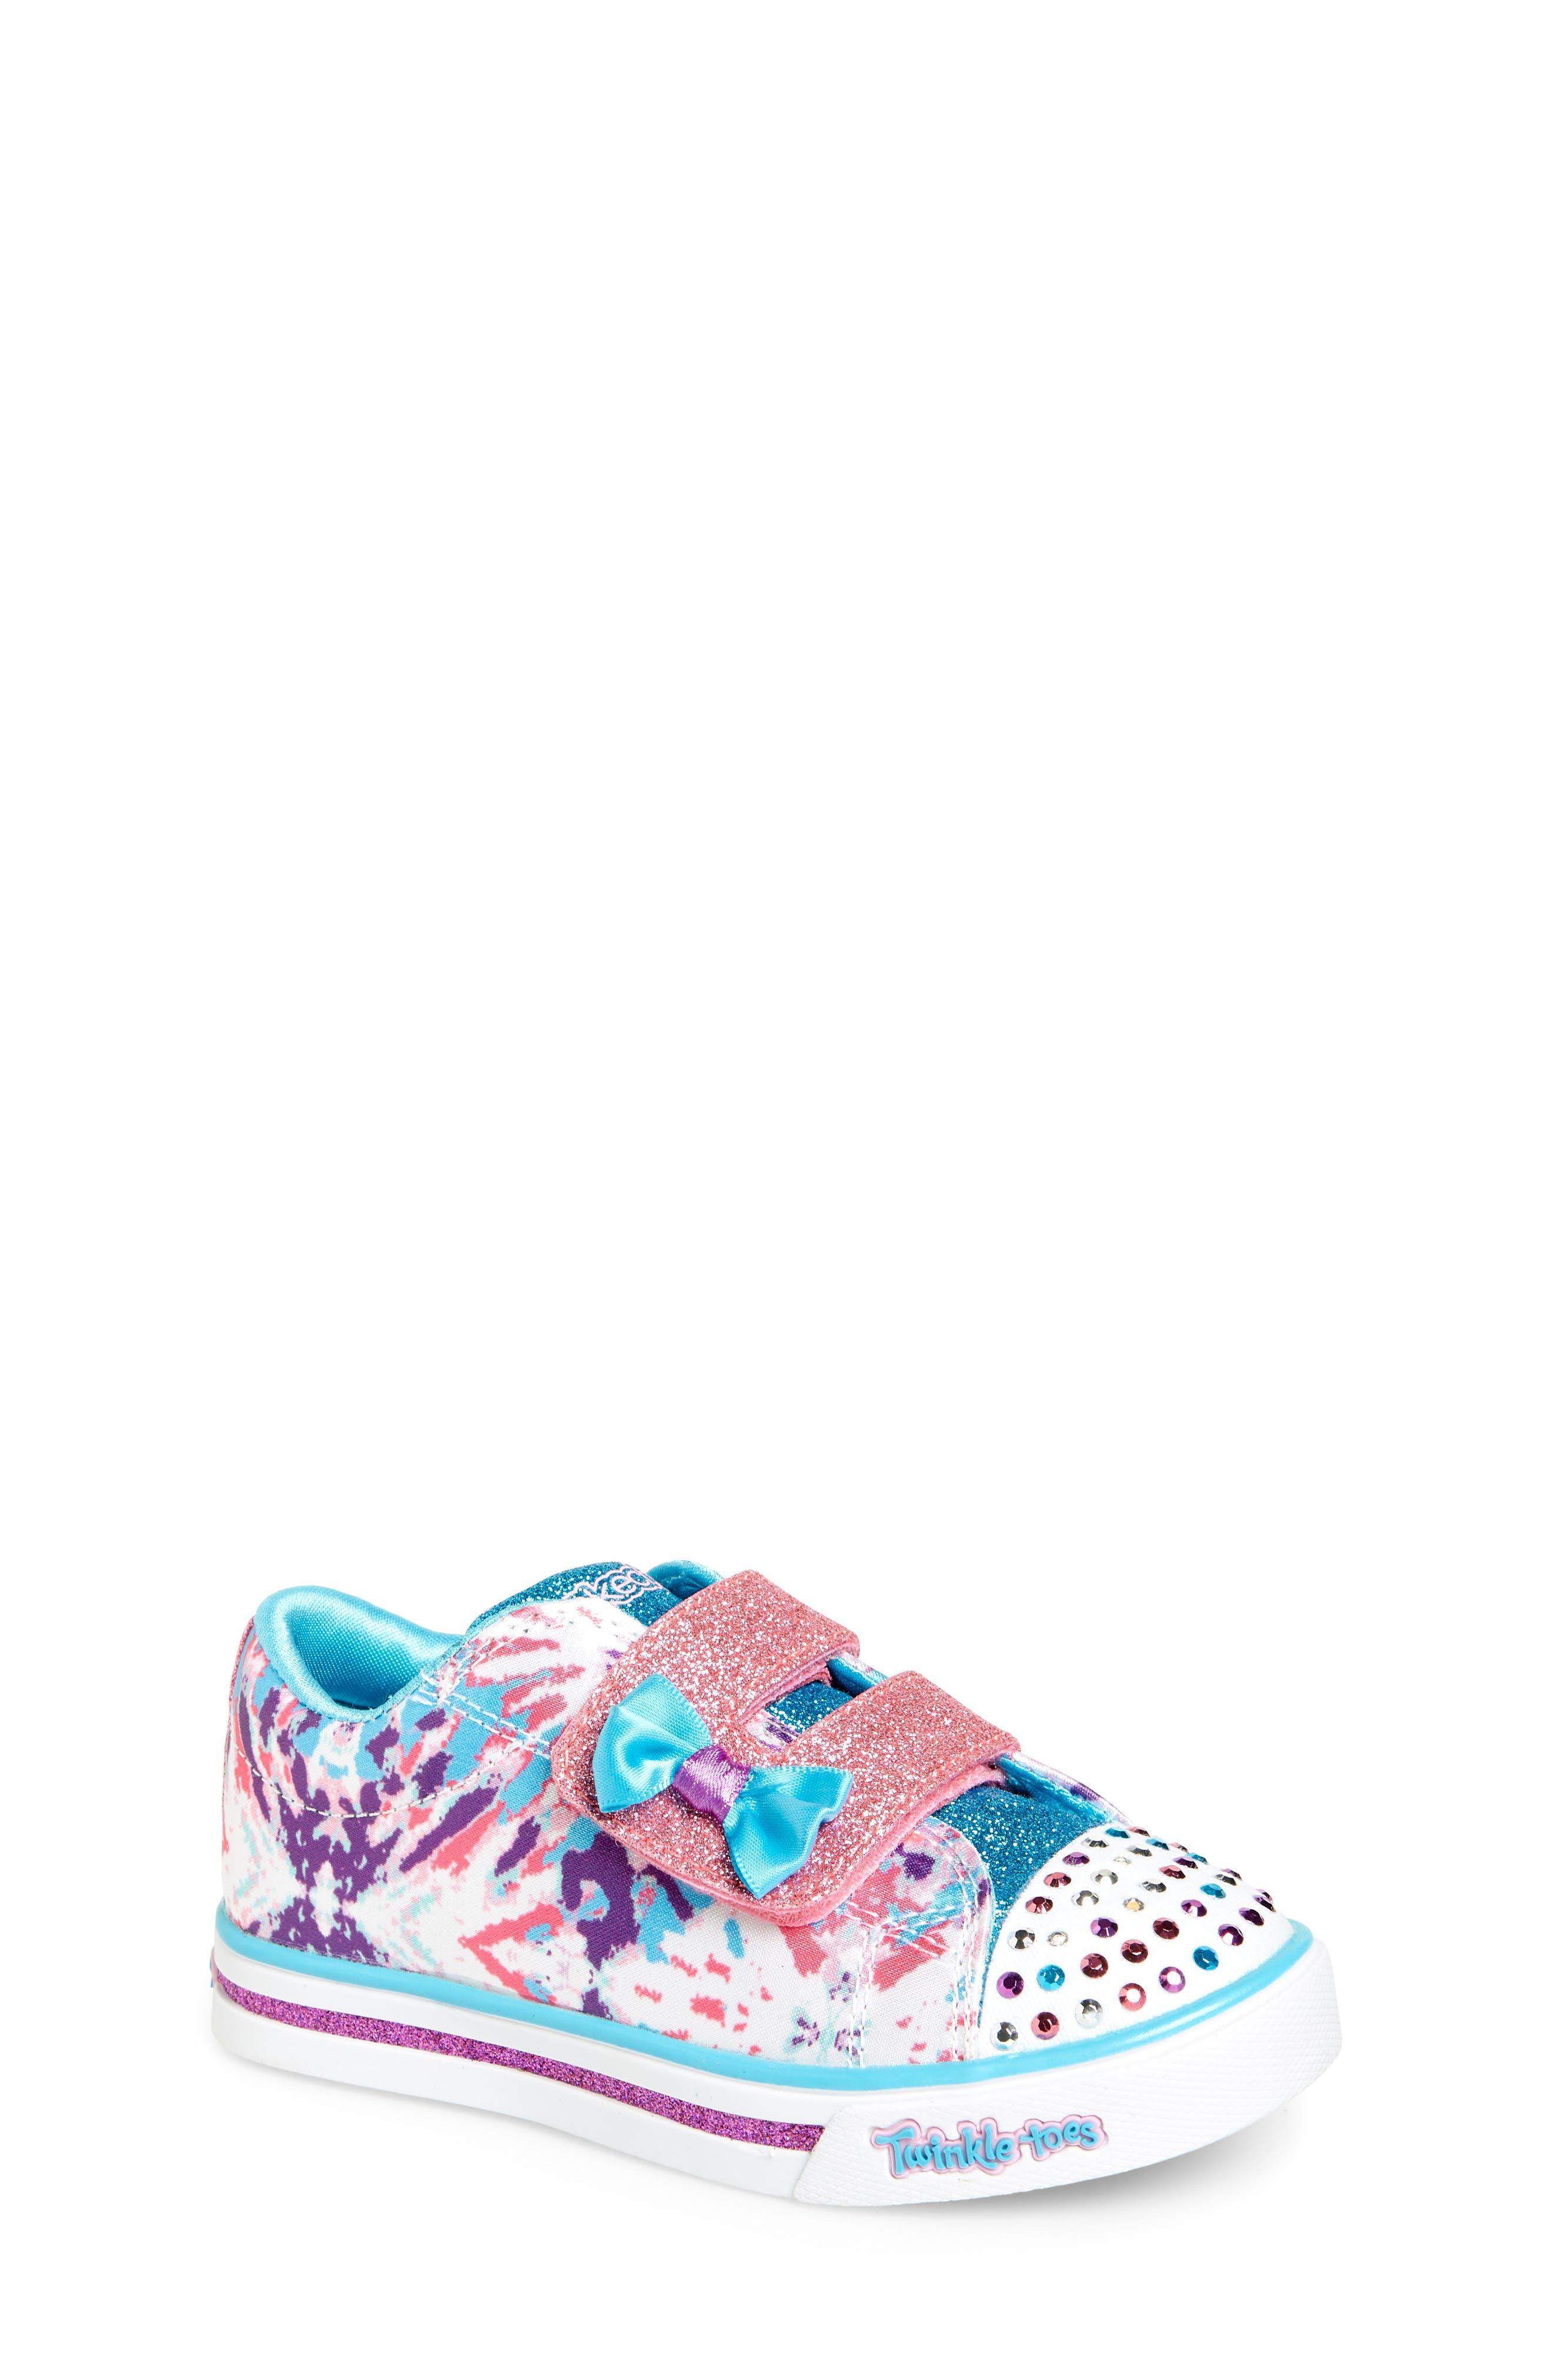 Sparkle Glitz Lil Dazzle Sneaker,                             Main thumbnail 1, color,                             White/ Multi